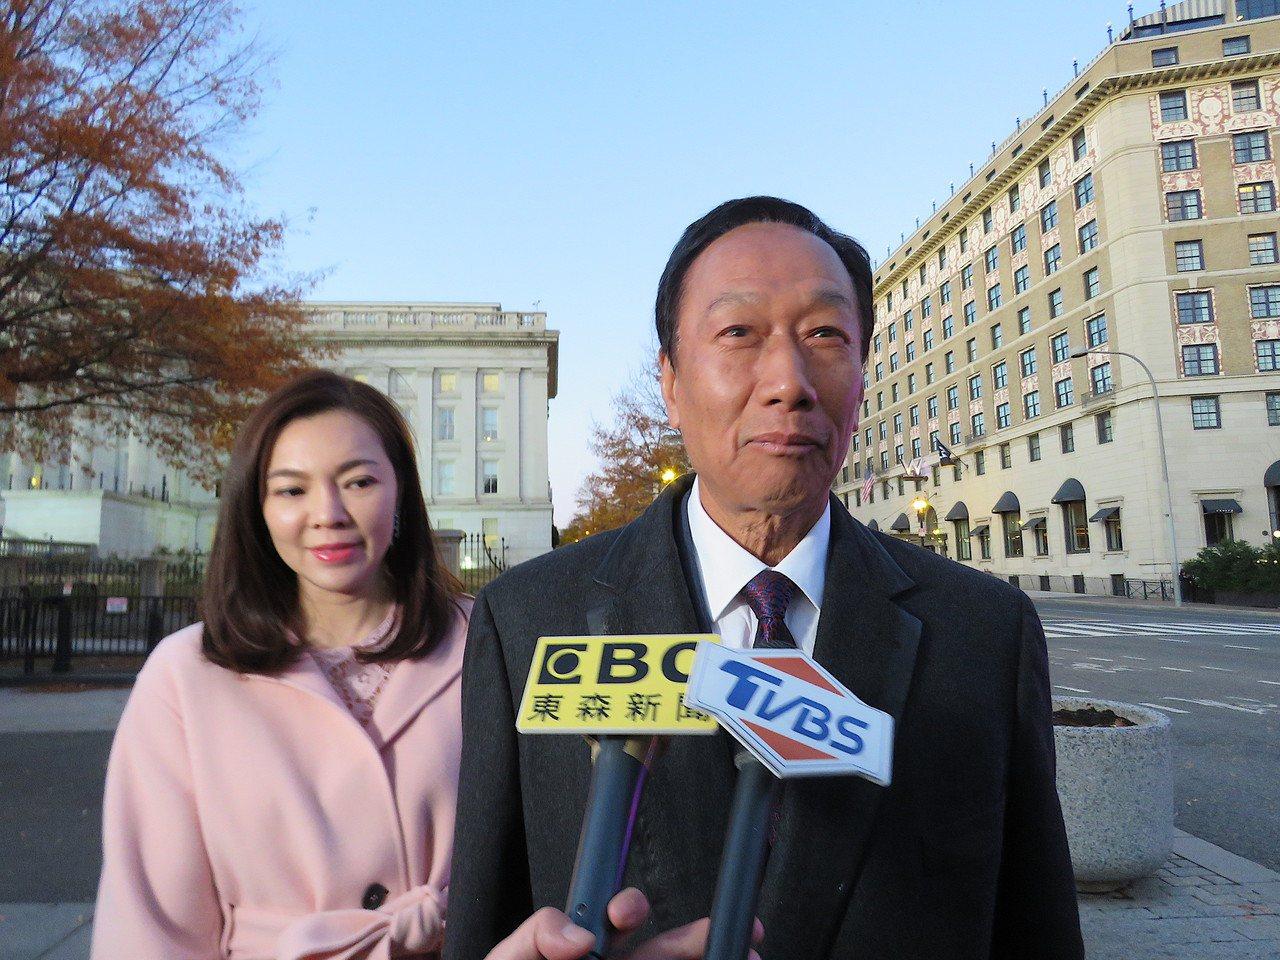 鴻海創辦人郭台銘(右)與太太曾馨瑩5日參加白宮耶誕派對。華盛頓記者張加/攝影